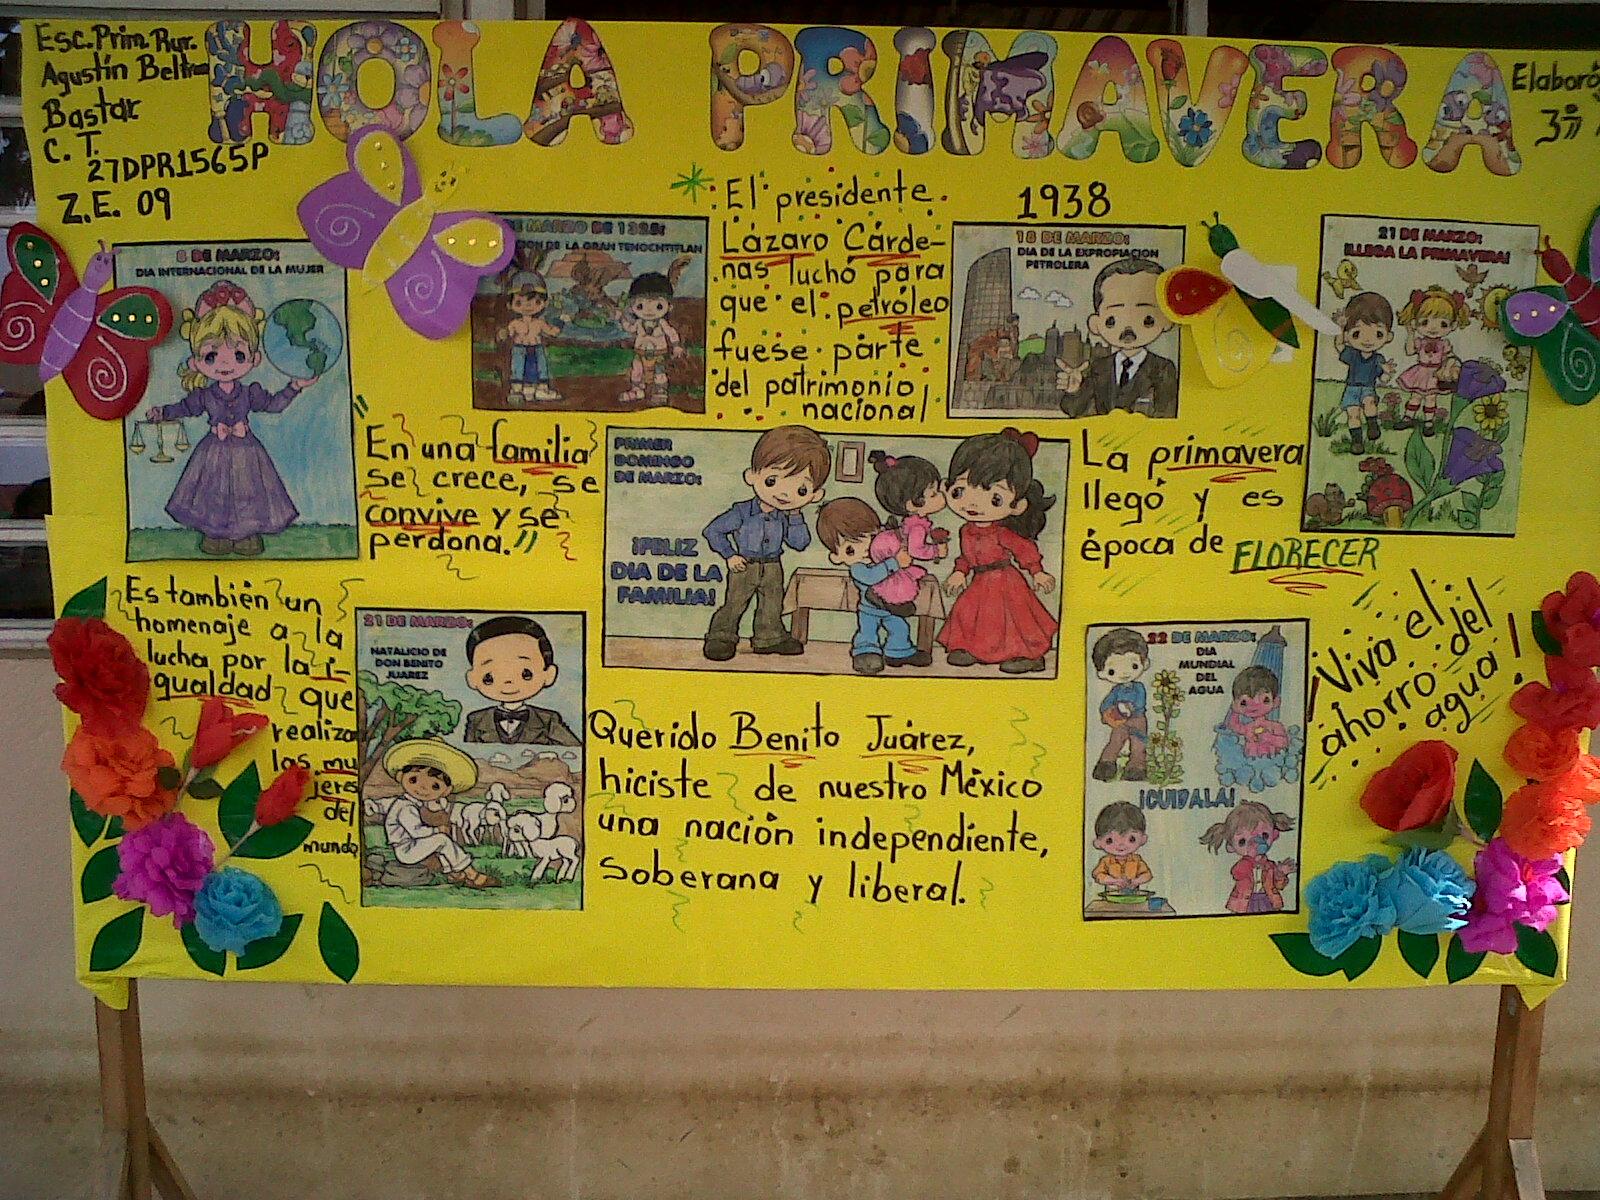 Periodico mural 6 imagenes educativas for El mural pelicula descargar